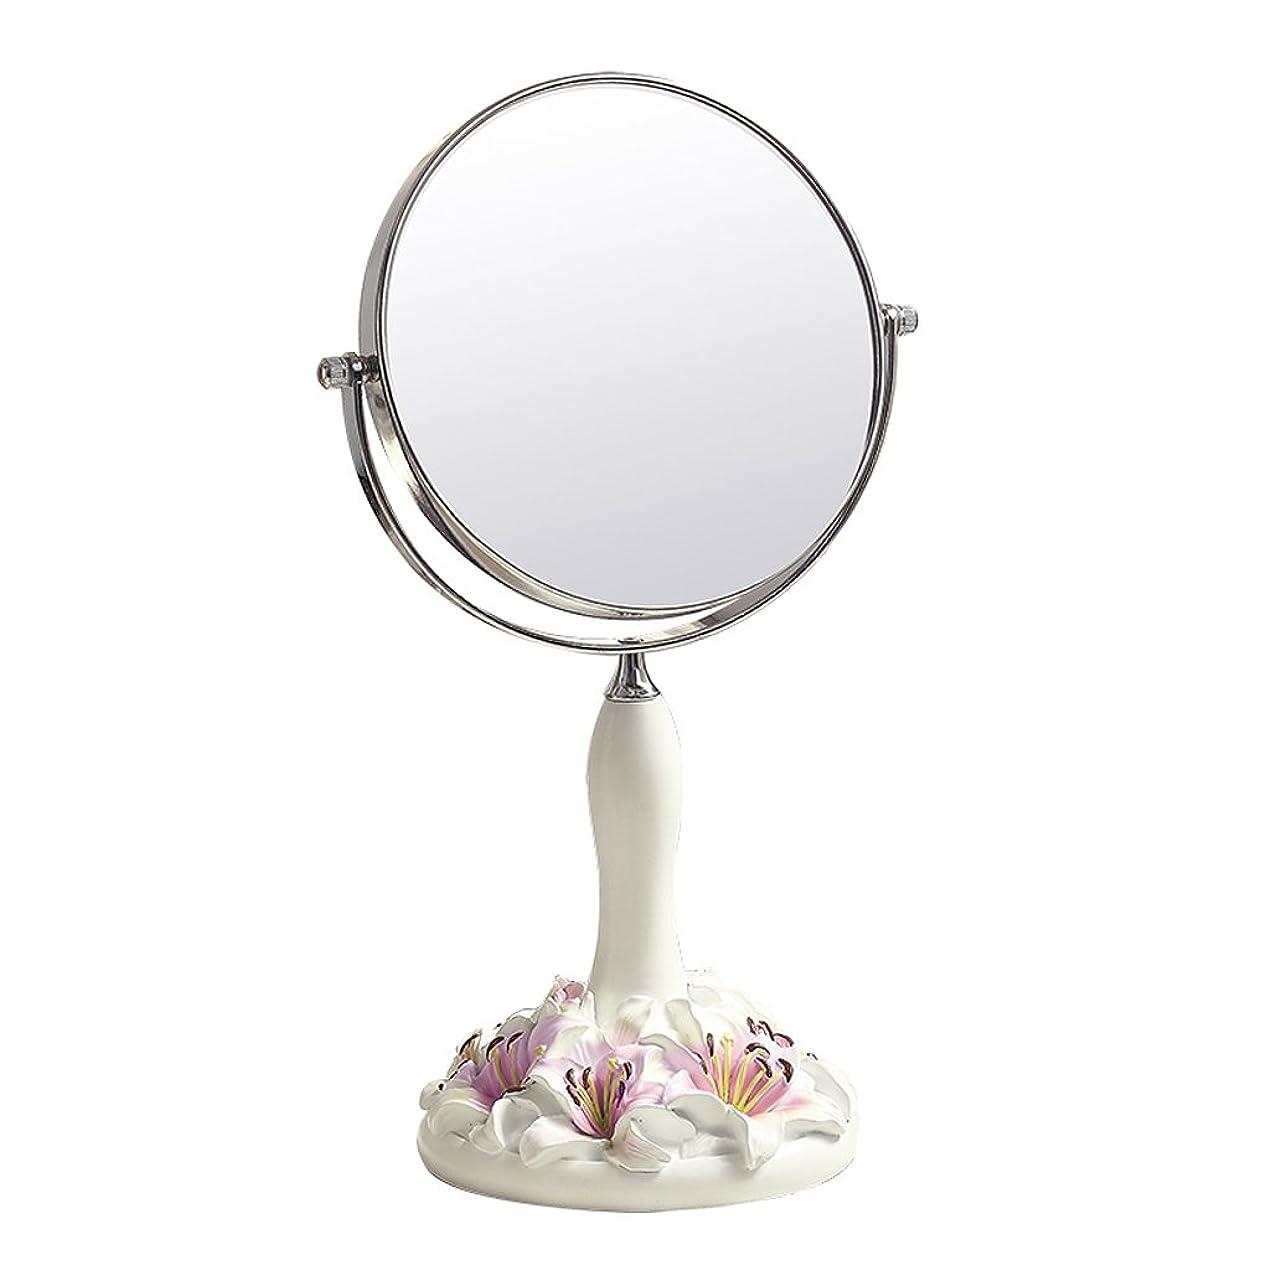 灰スポンジGSN 3倍の倍率円形両面コスメティックミラーコンチネンタルヴィンテージ屋内HDバニティミラー360°回転デスクトッププリンセスミラー(ピンク) 鏡 (Size : 34*16.5cm)